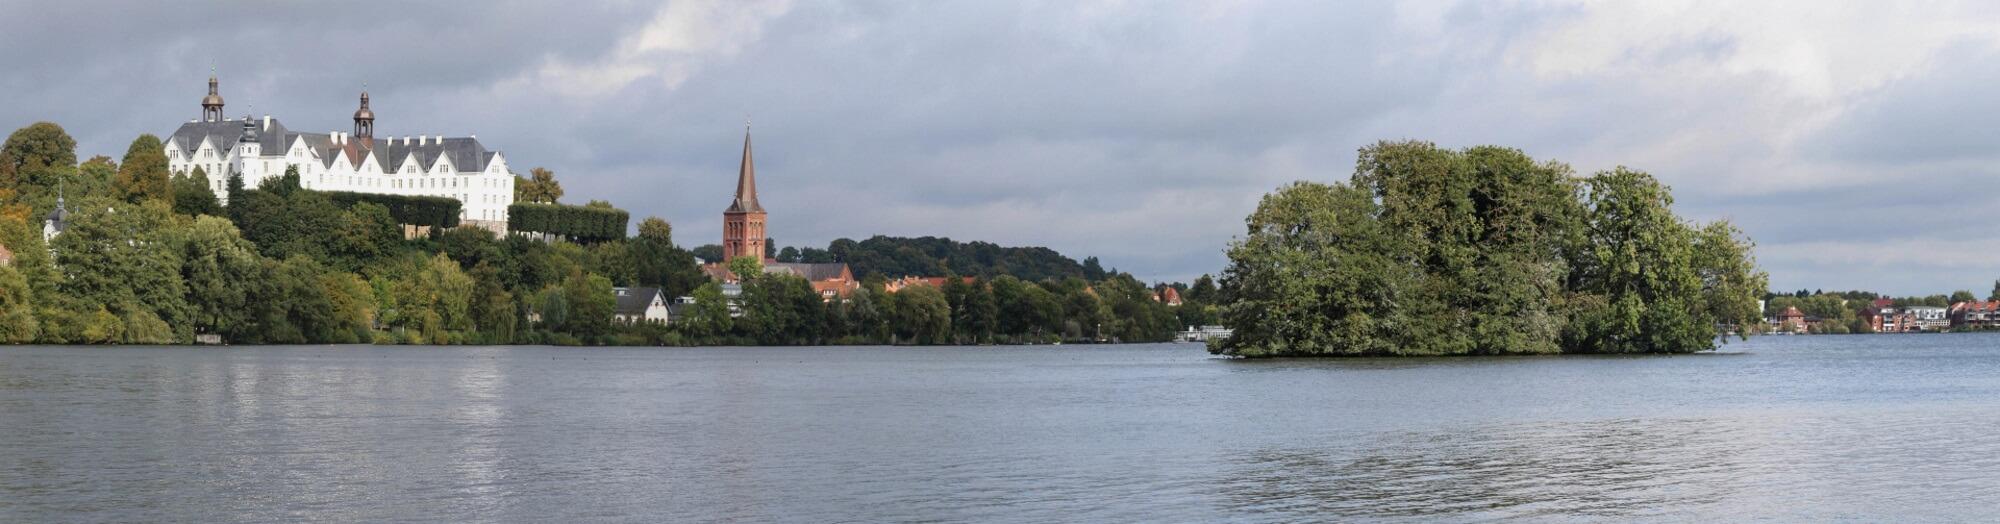 Plön Panorama